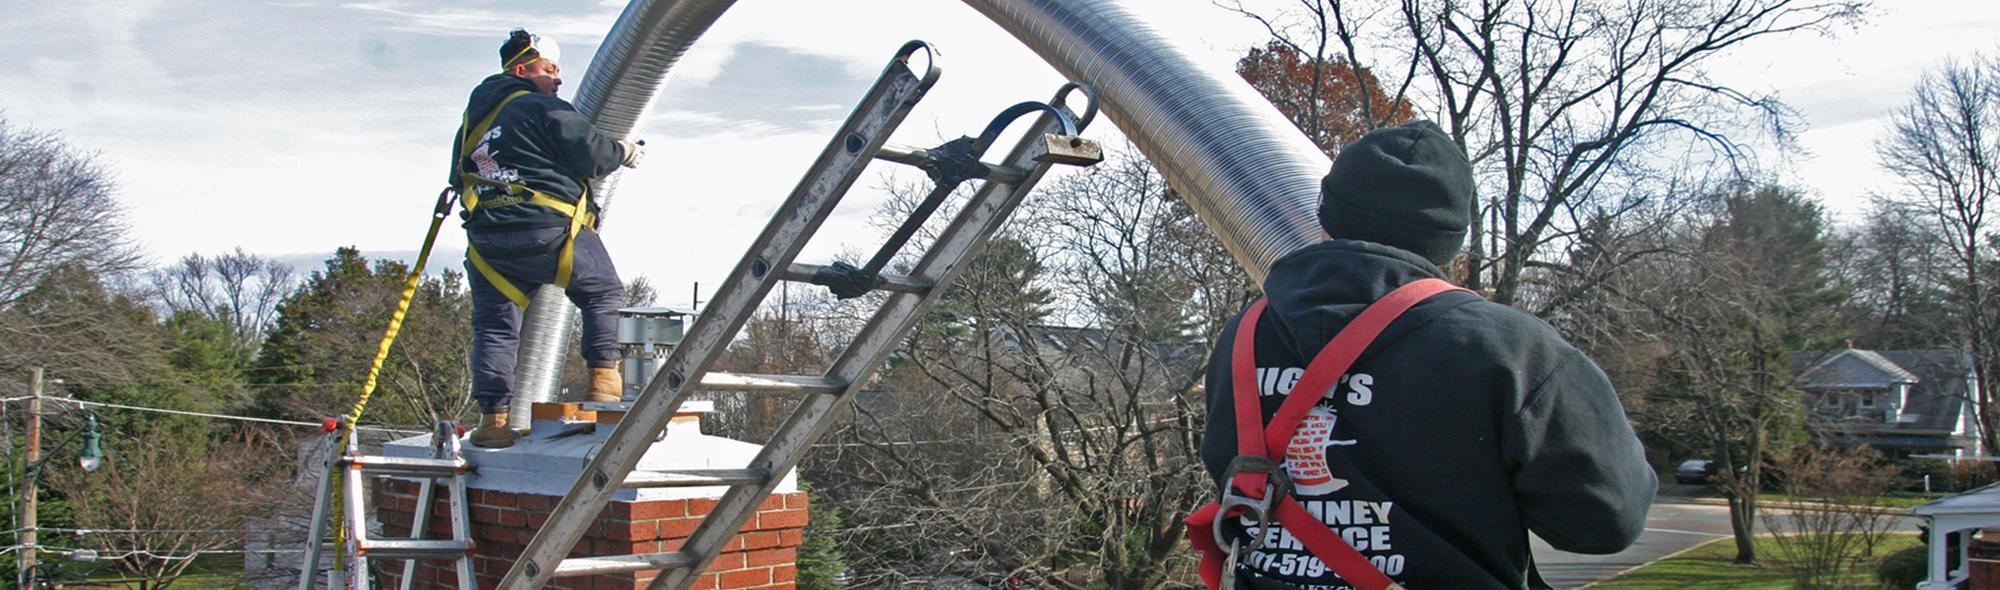 chimney liner installation in mclean va